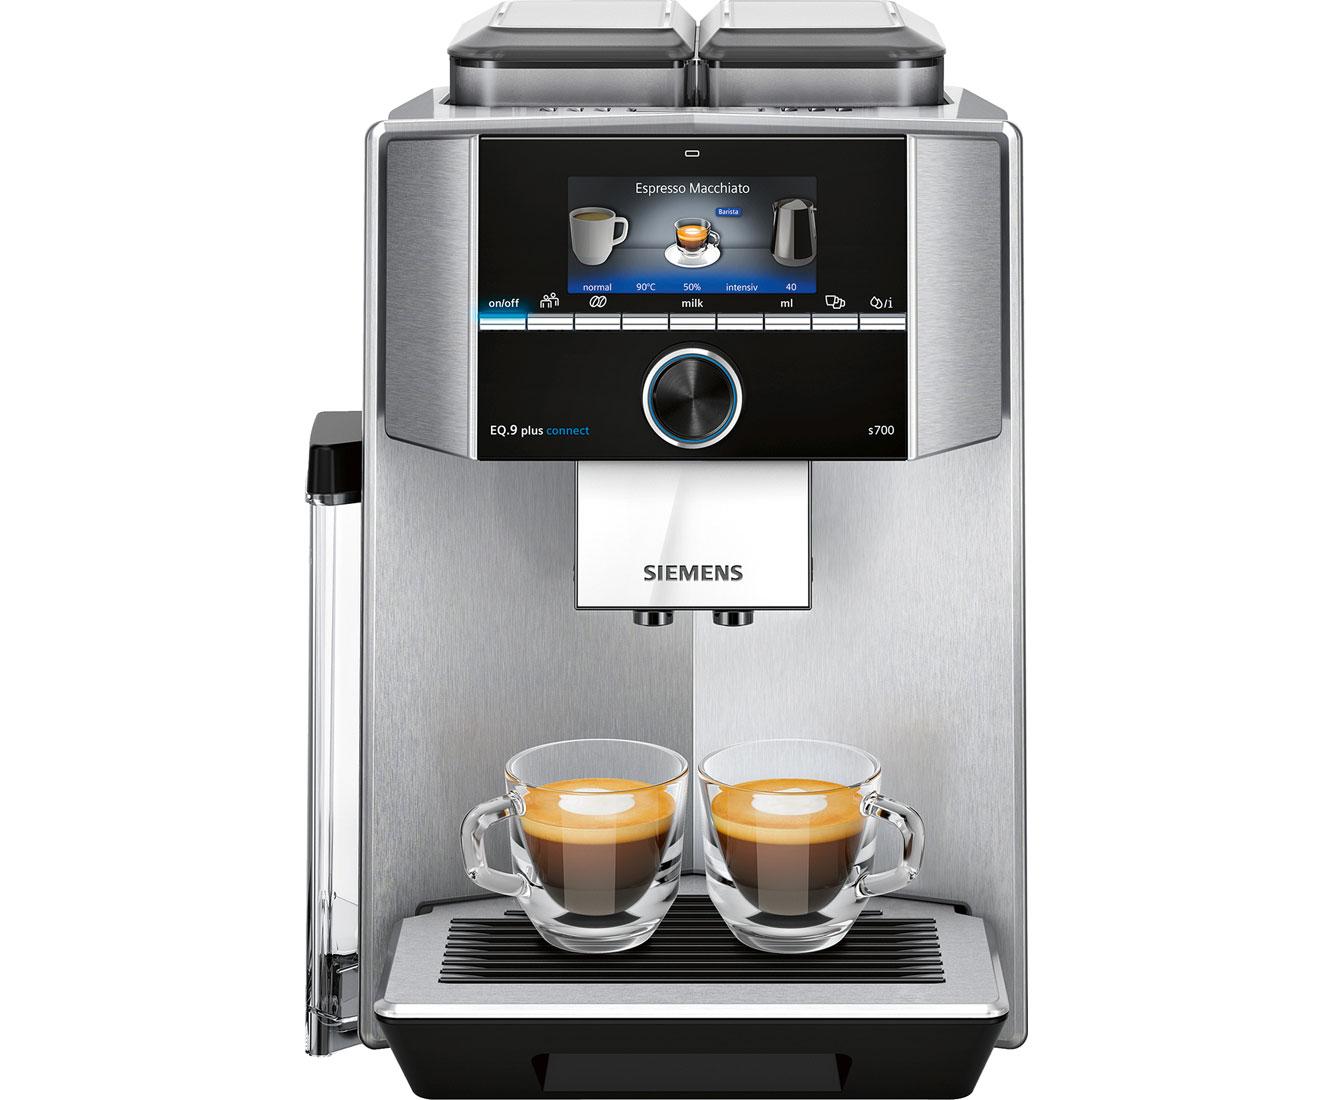 TI9575X1DE Kaffeemaschinen - Edelstahl